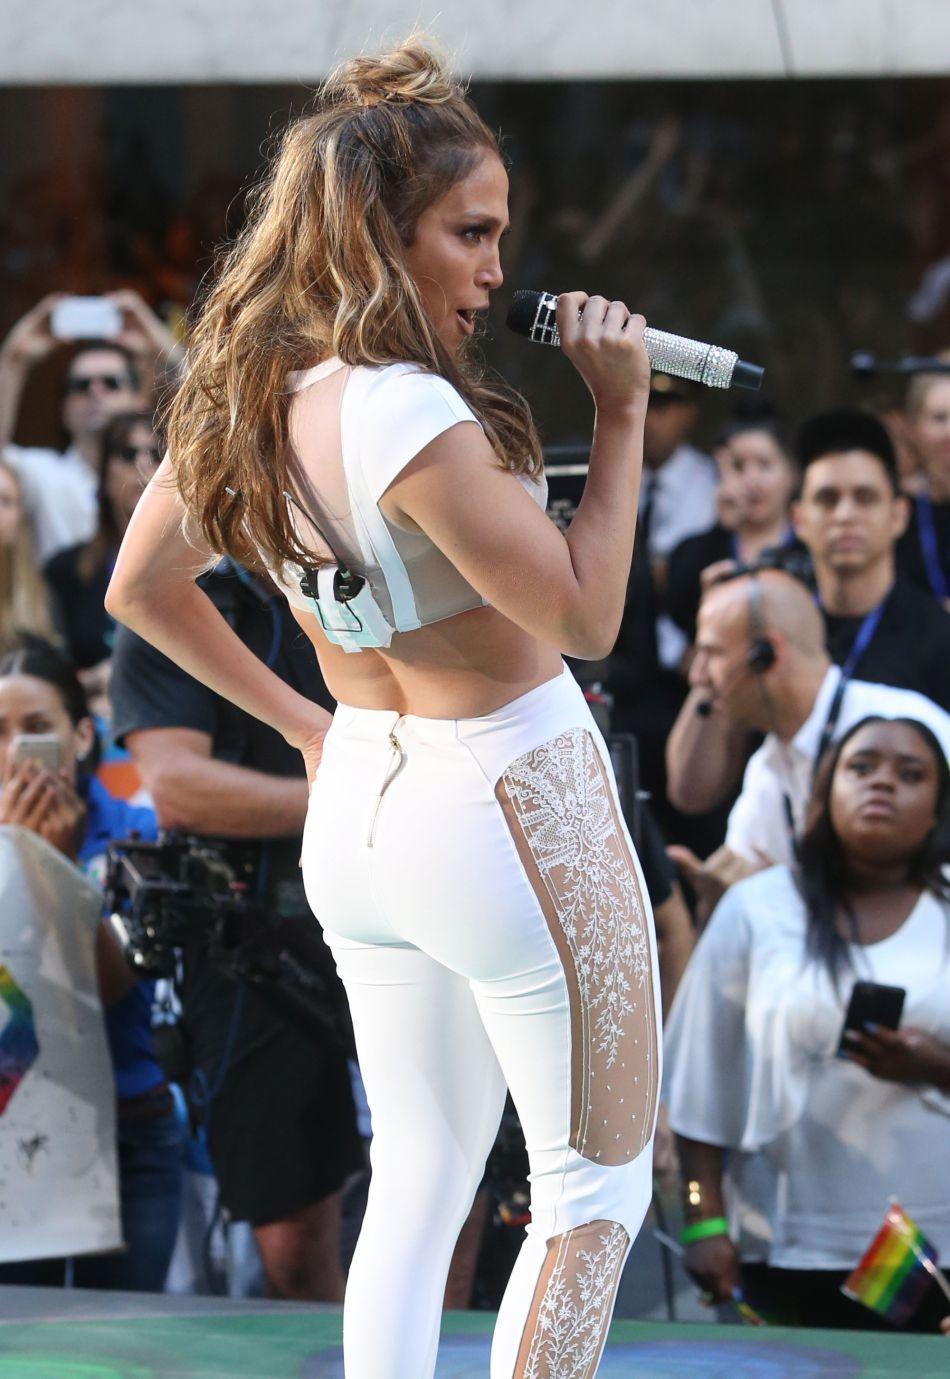 Jennifer Lopez canon elle affiche ses formes sur le réseau social.